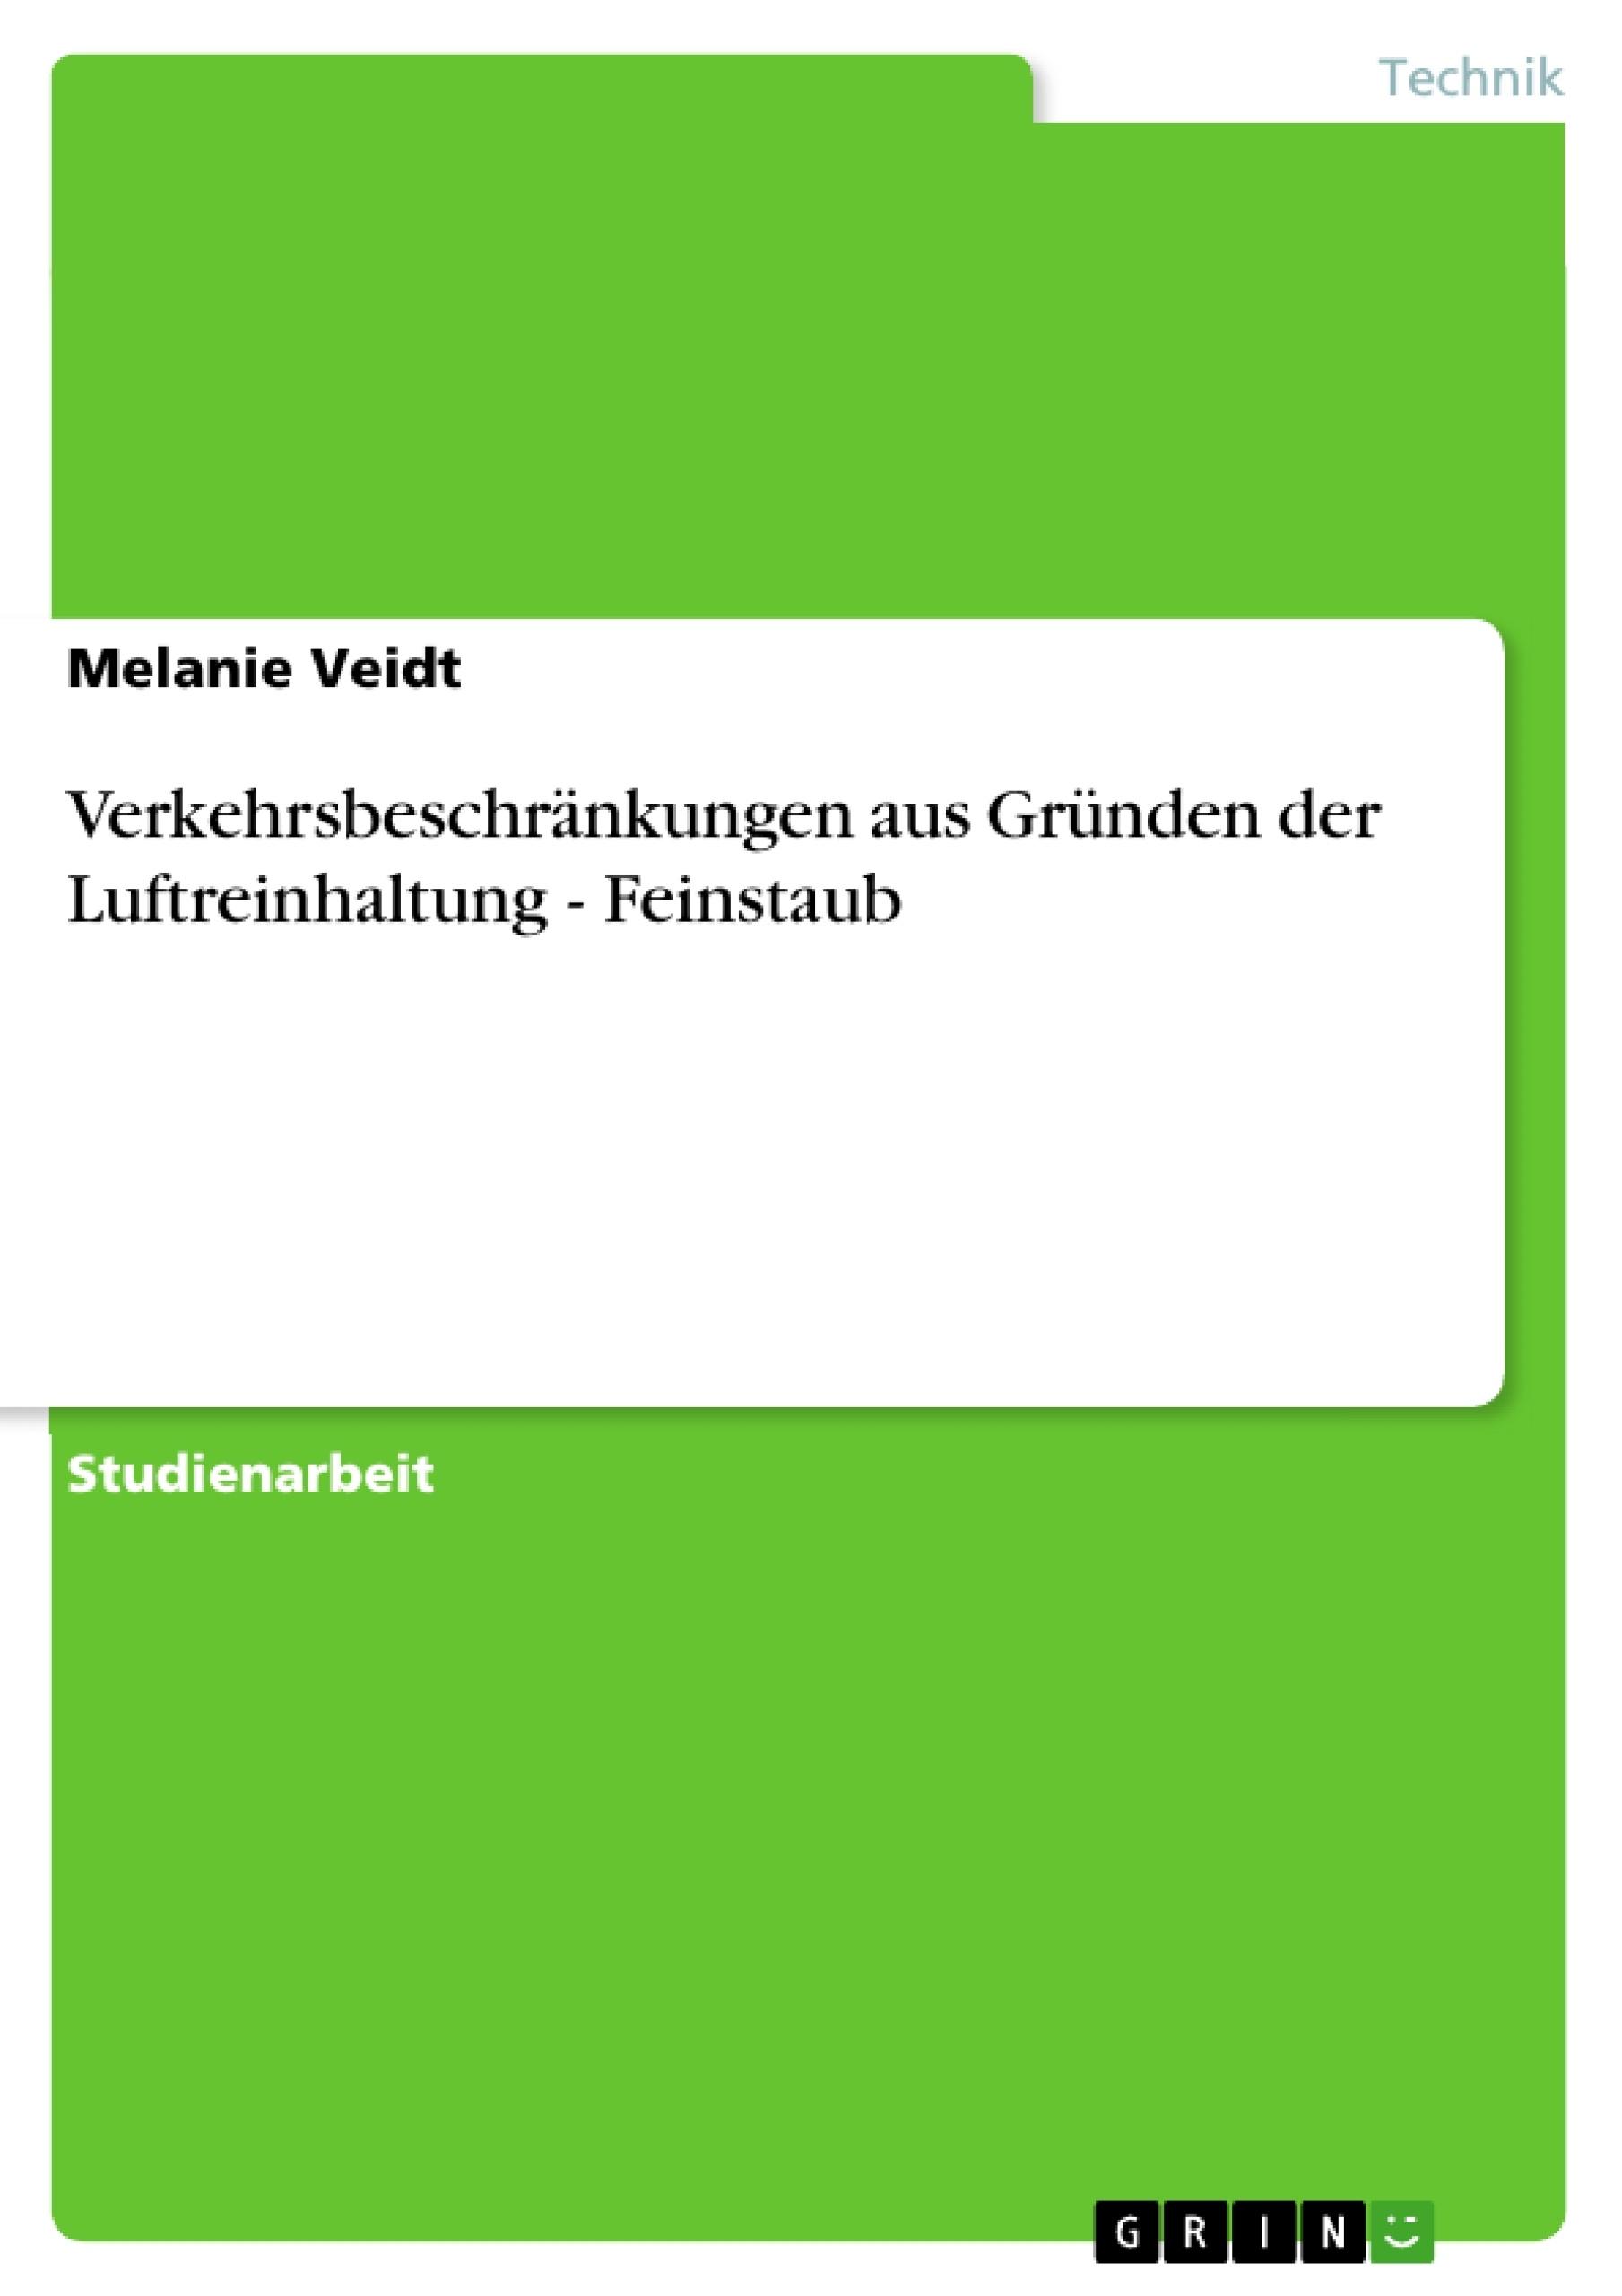 Titel: Verkehrsbeschränkungen aus Gründen der Luftreinhaltung - Feinstaub